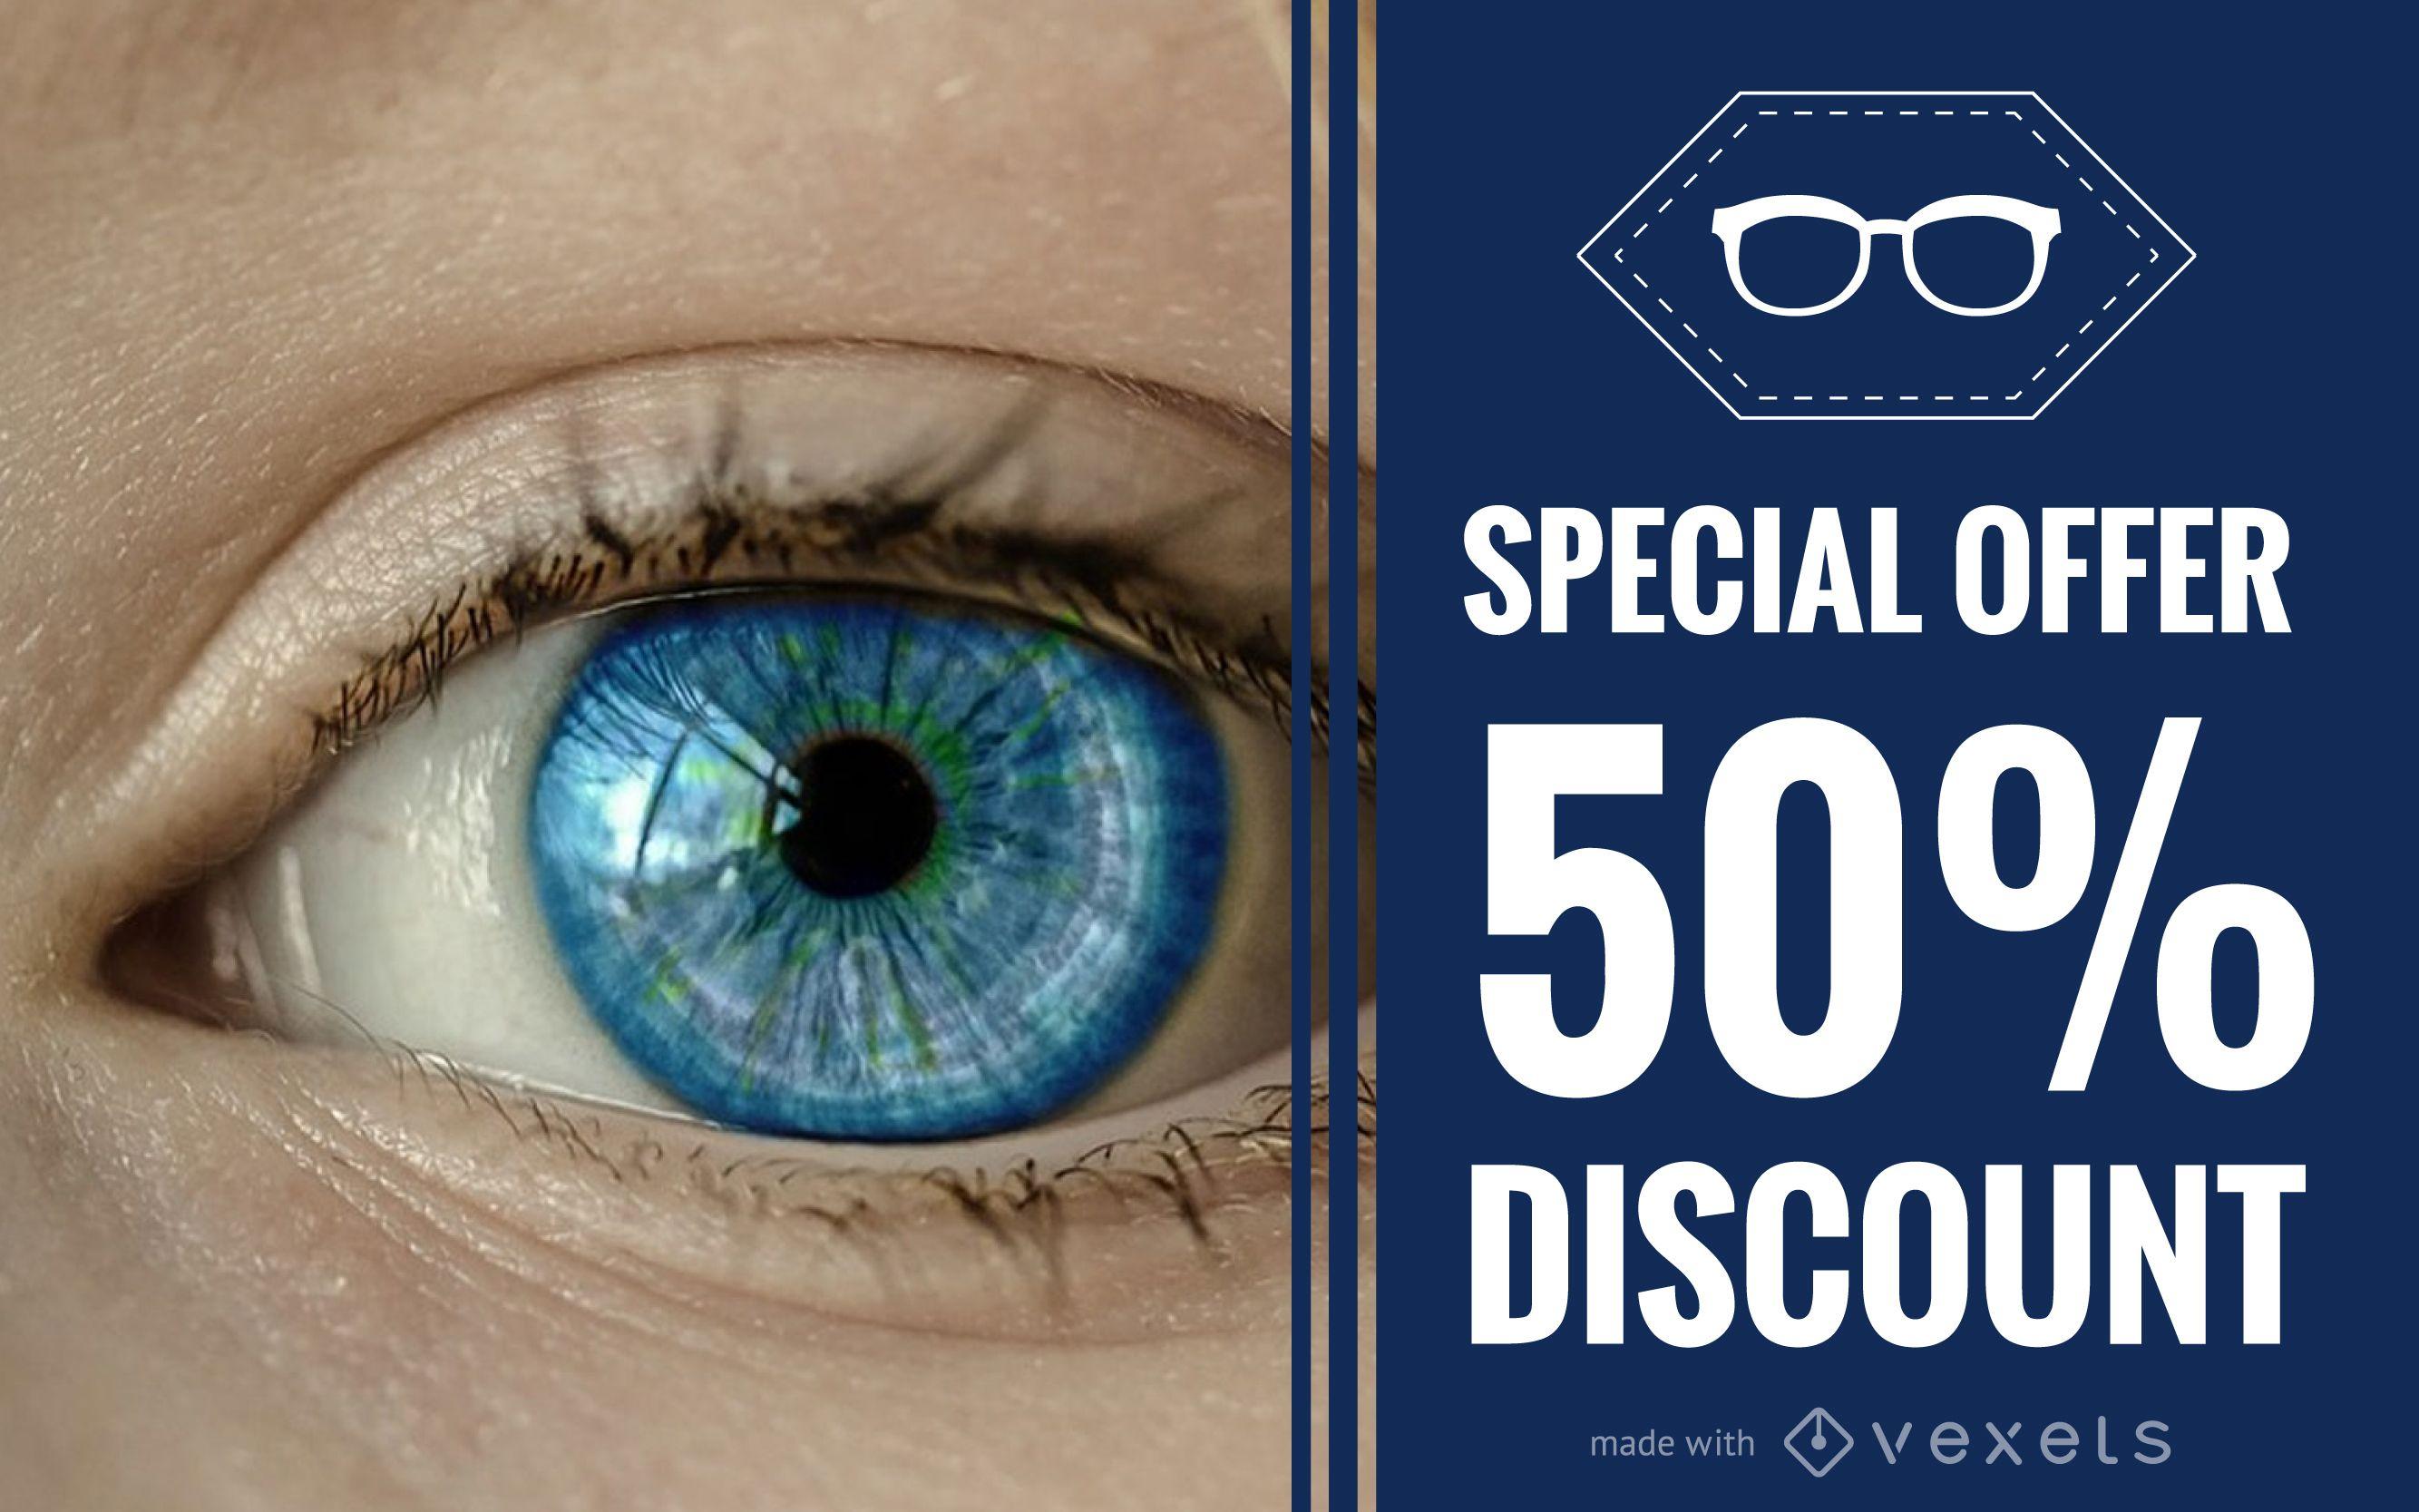 Creador de banners promocionales de oftalmolog?a